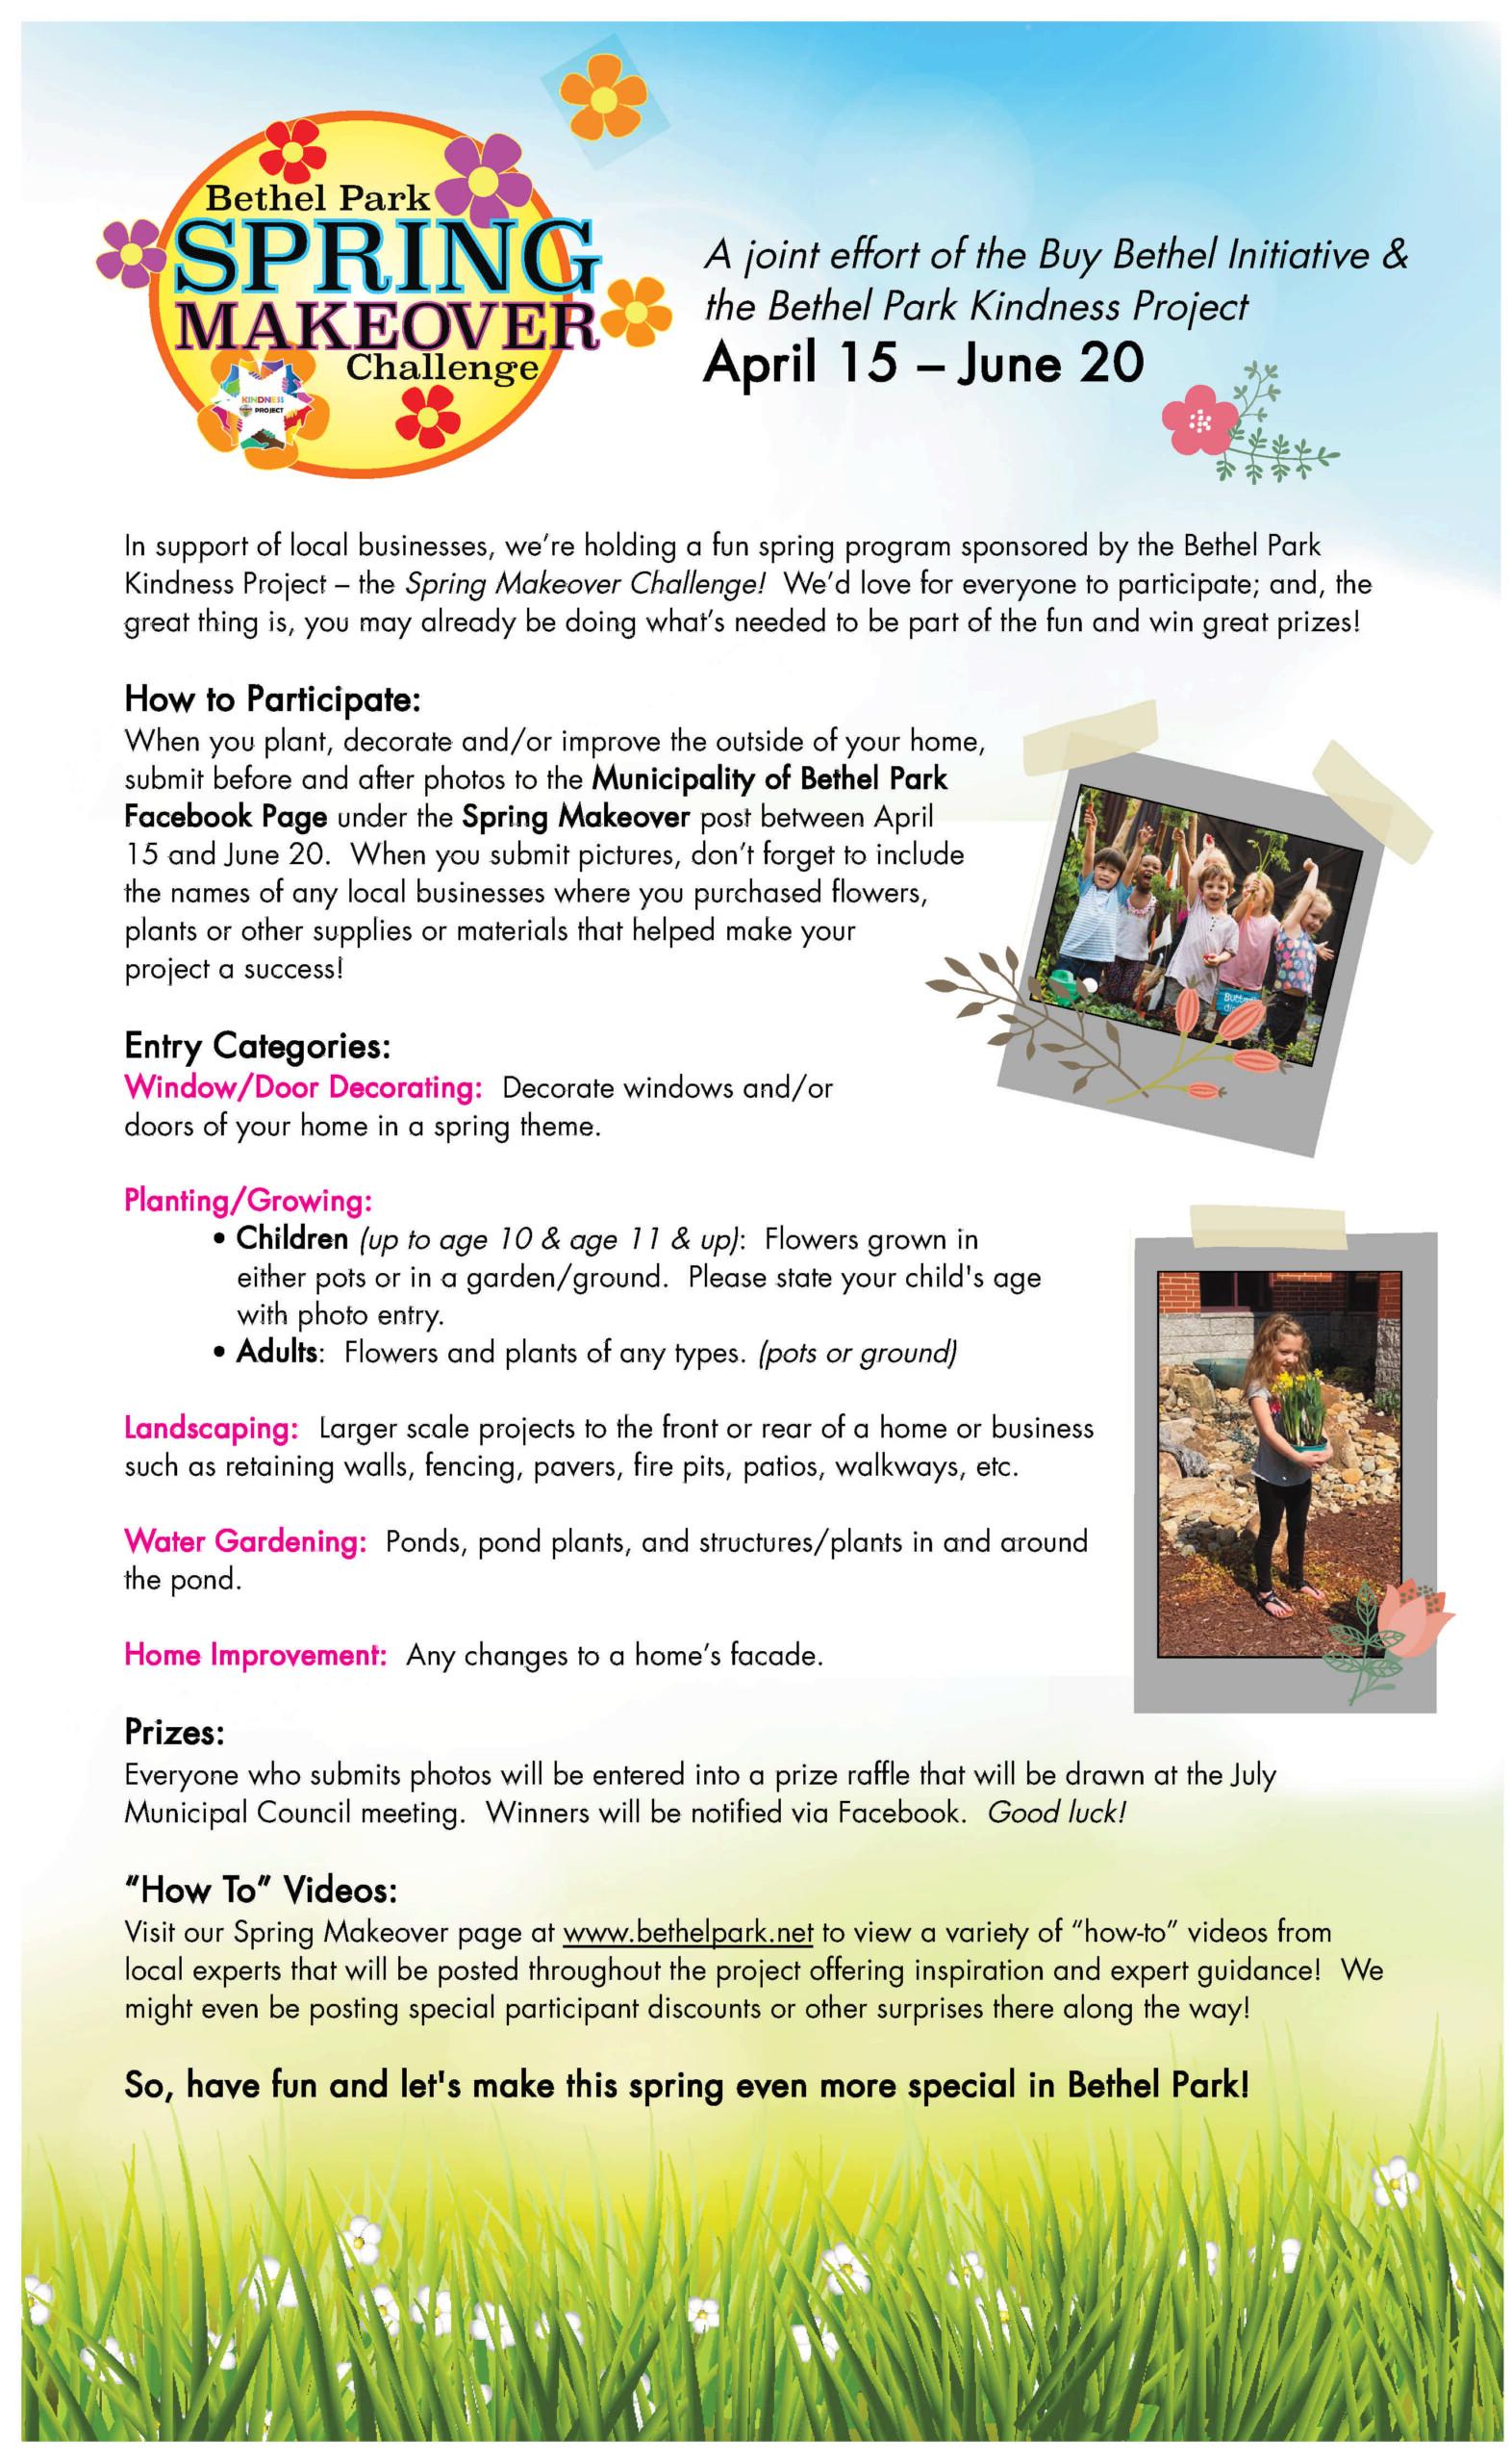 Spring Makeover Challenge Poster